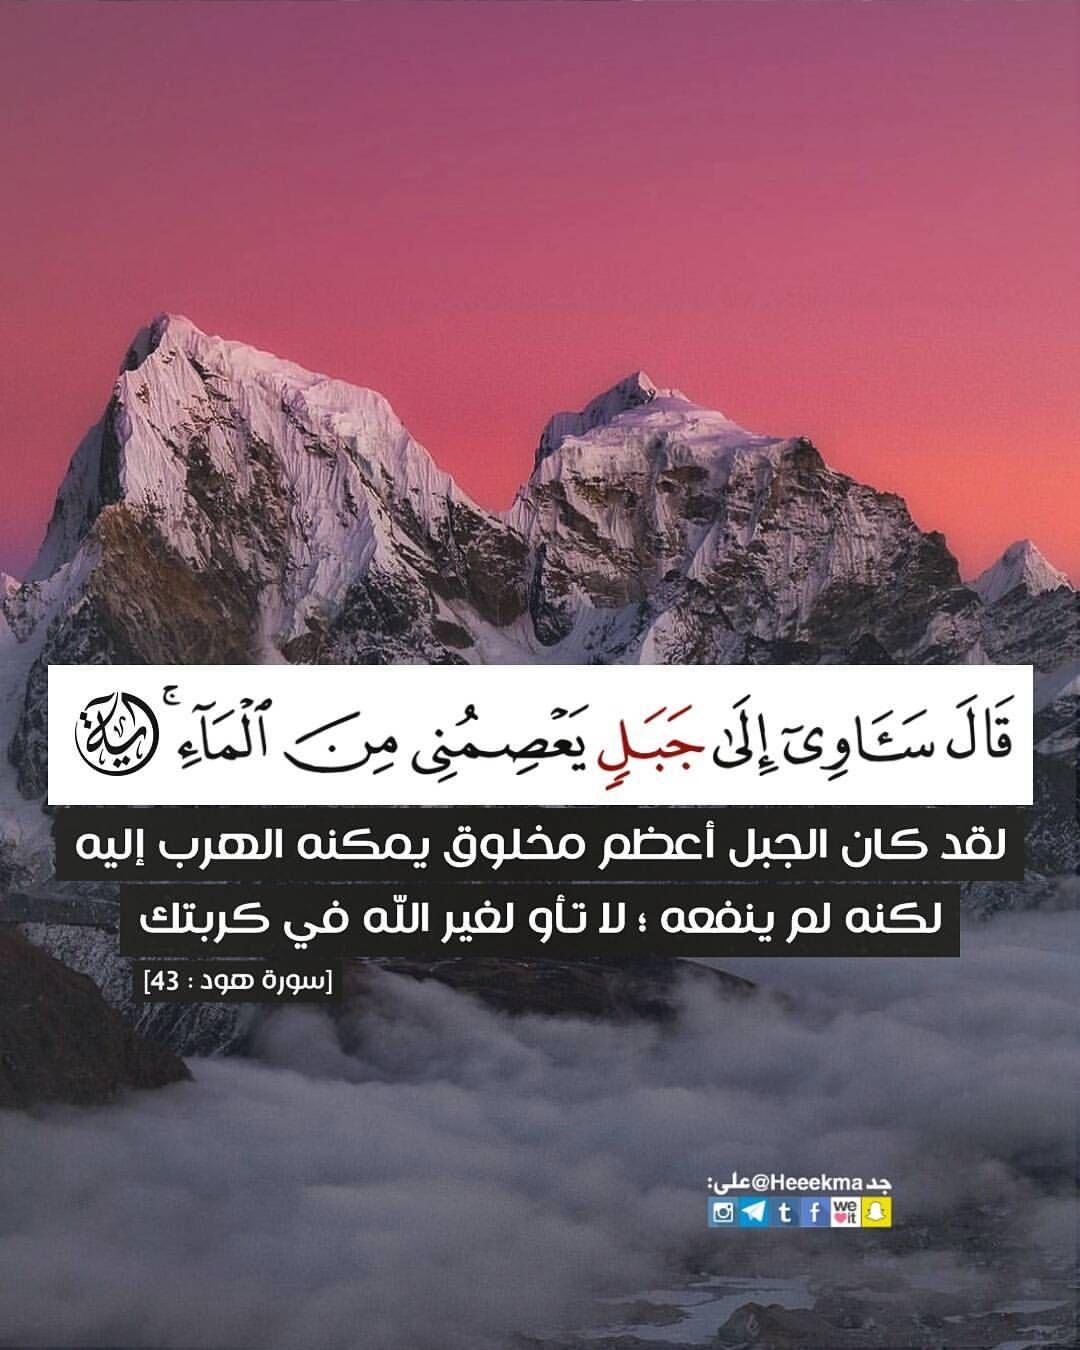 قال سآوي إلى جبل يعصمني من الماء لقد كان الجبل أعظم مخلوق يمكنه الهرب إليه لكنه لم ينفعه لا تأو لغير الله في Quran Verses Islamic Phrases Quran Quotes